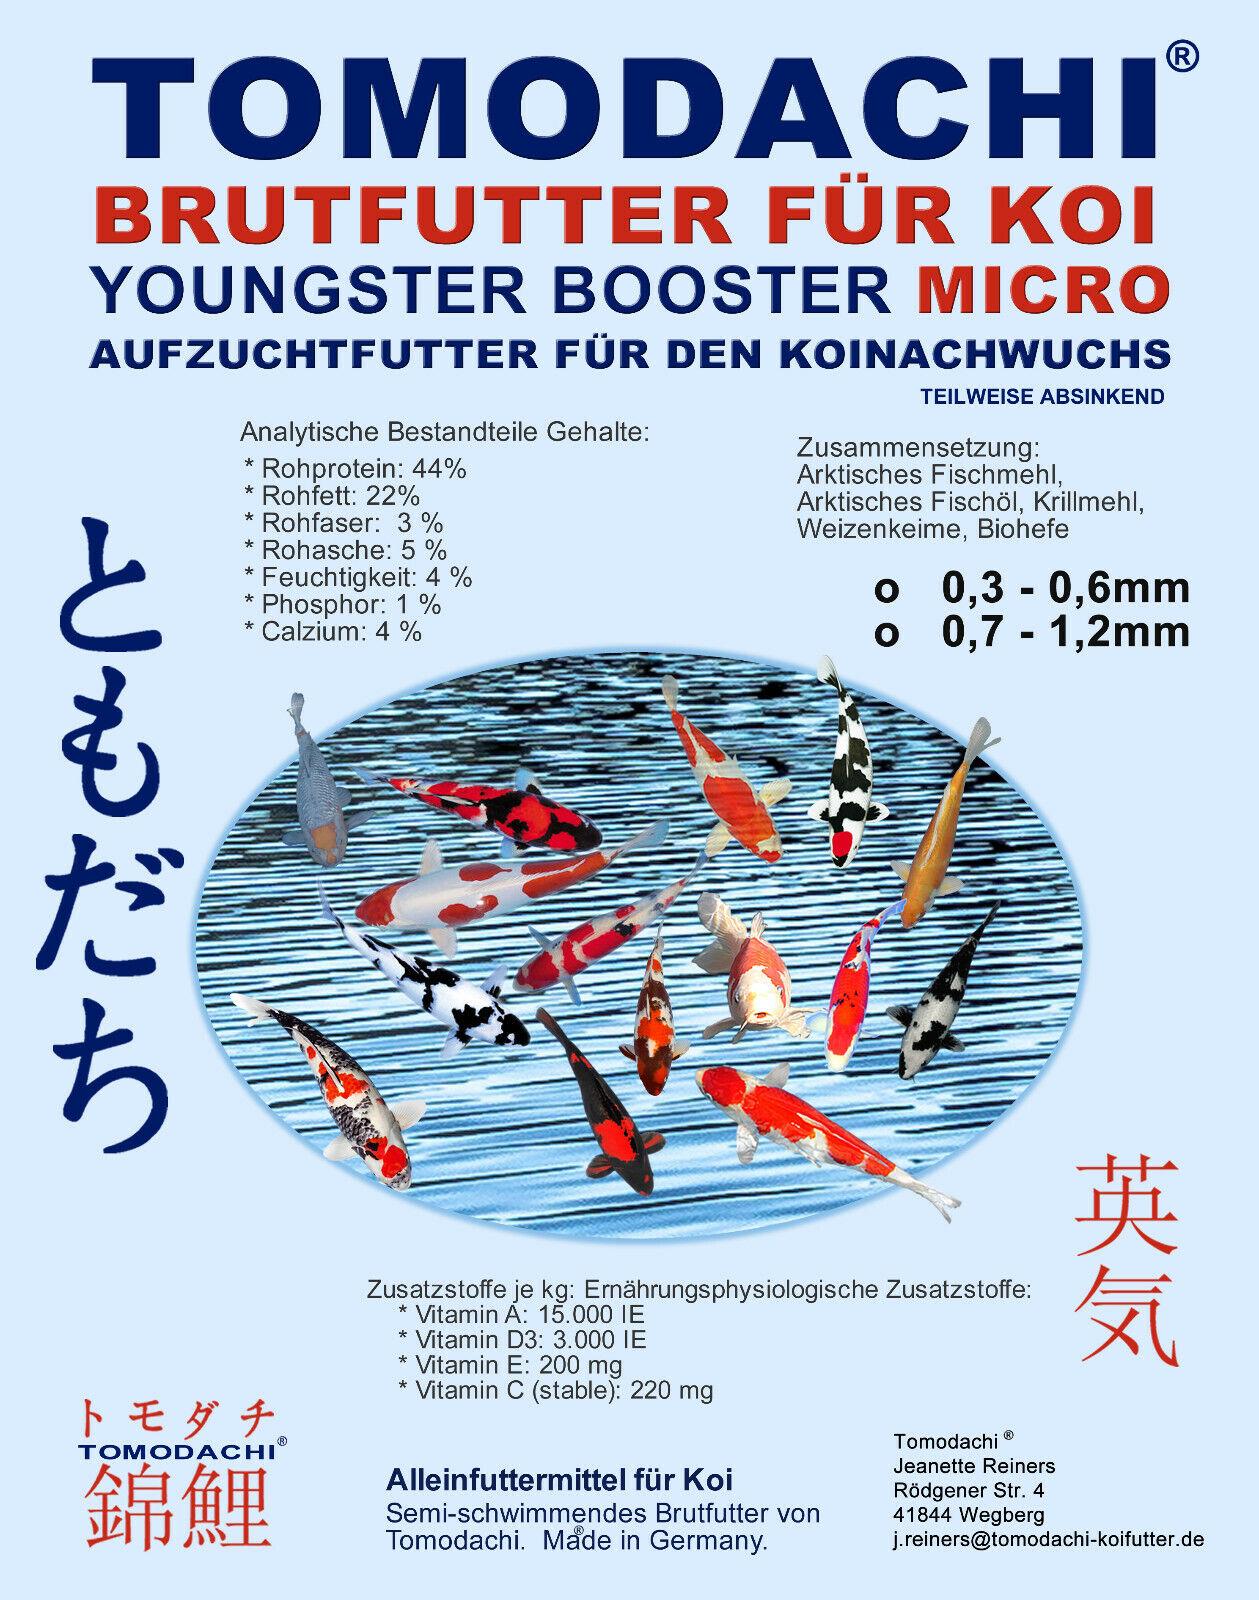 Brutfutter, Koifutter, Aufzuchtfutter Koibrut, Koizucht Futter, 0,7- 1,2mm 10kg